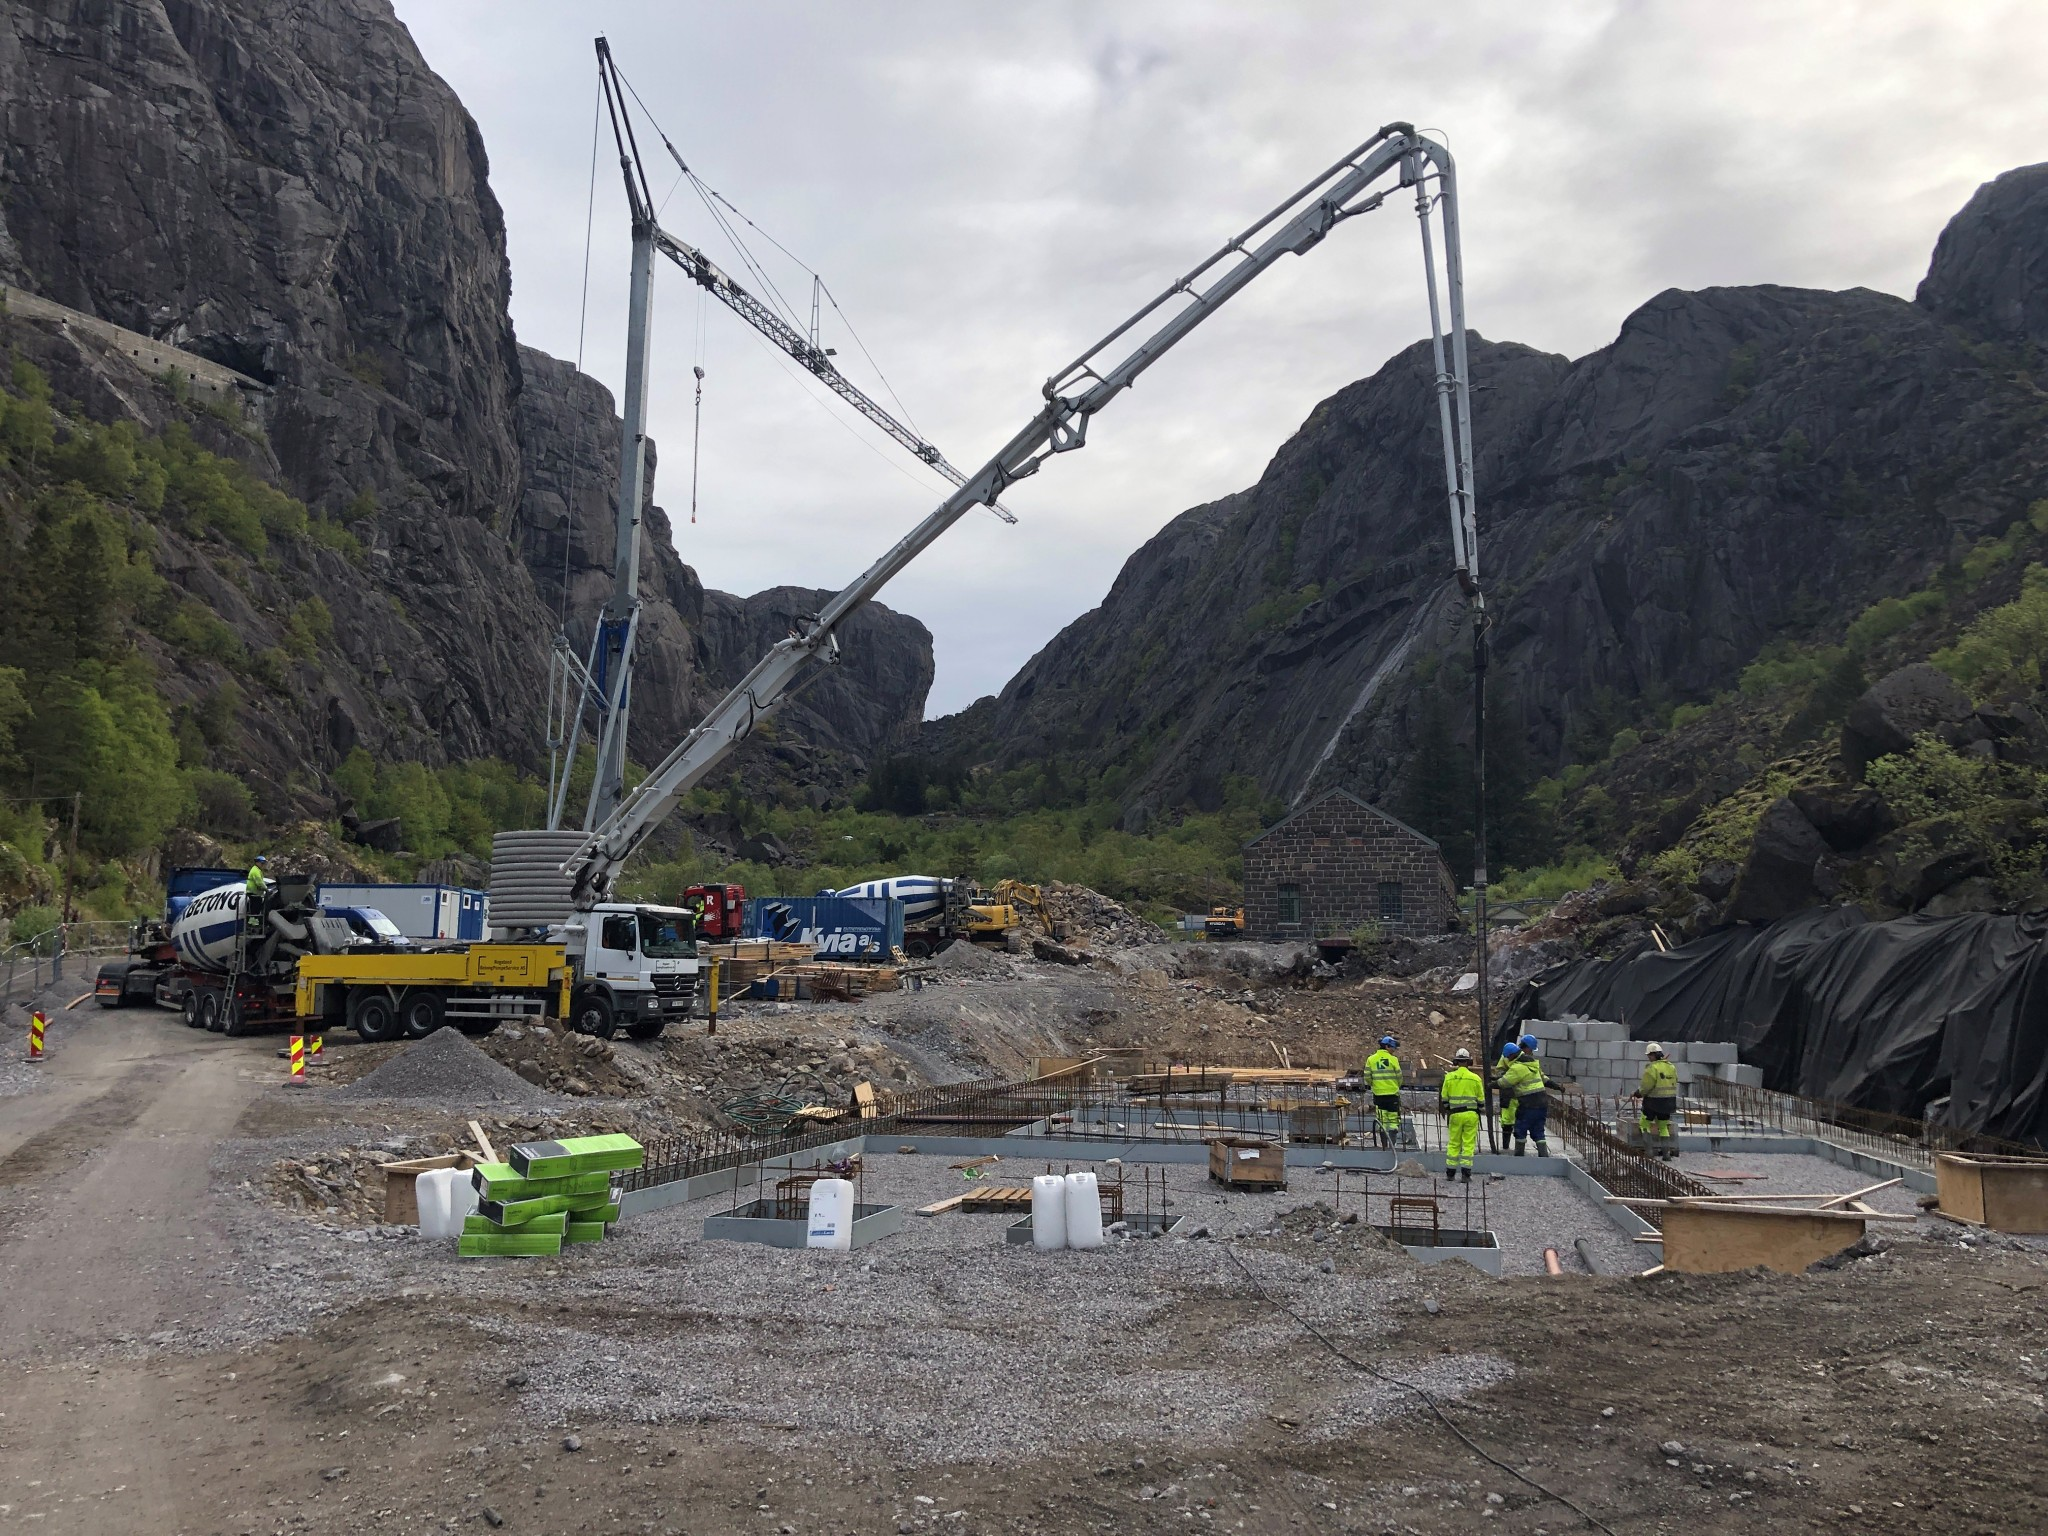 Byggeplassen under støping